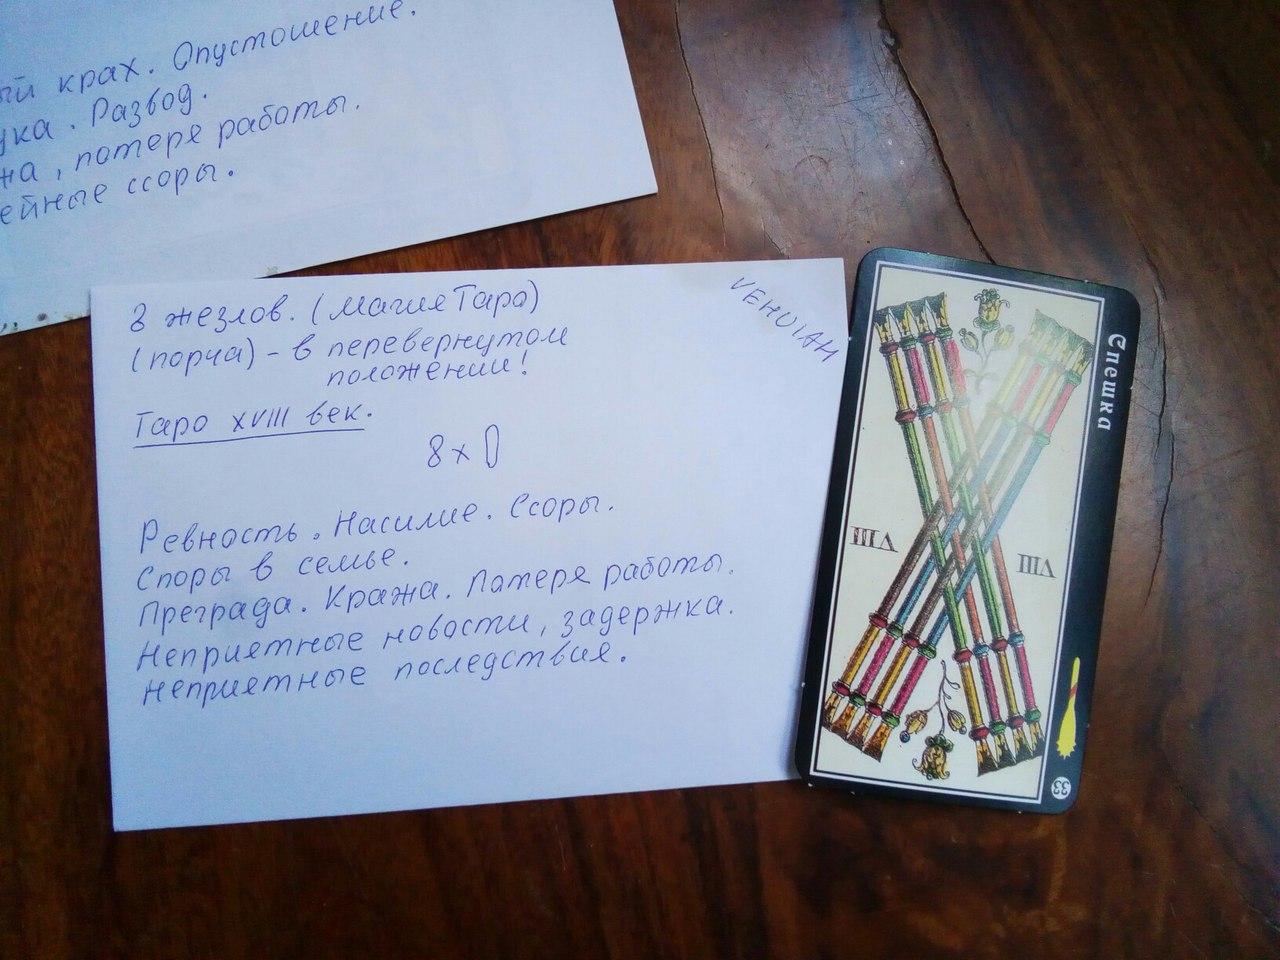 Рунограмма - Конверты с магическими программами от Елены Руденко. Ставы, символы, руническая магия.  - Страница 6 QVd5A-IQTGE